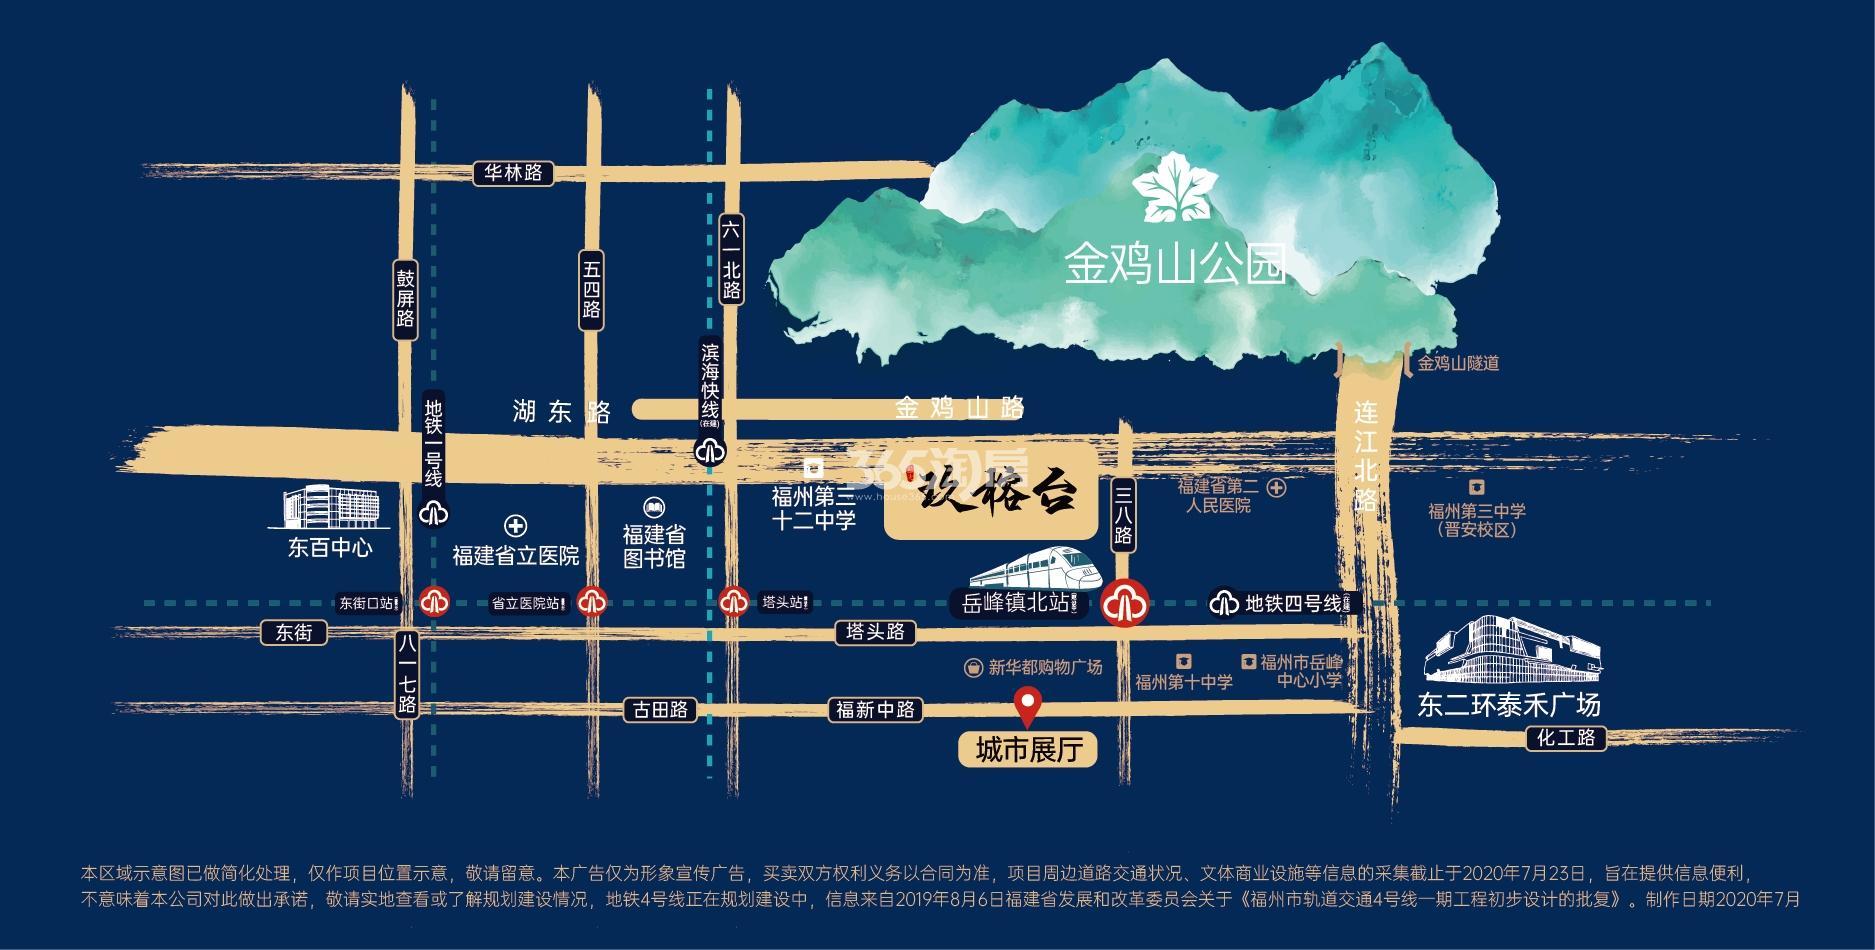 蓝光玖榕台交通图